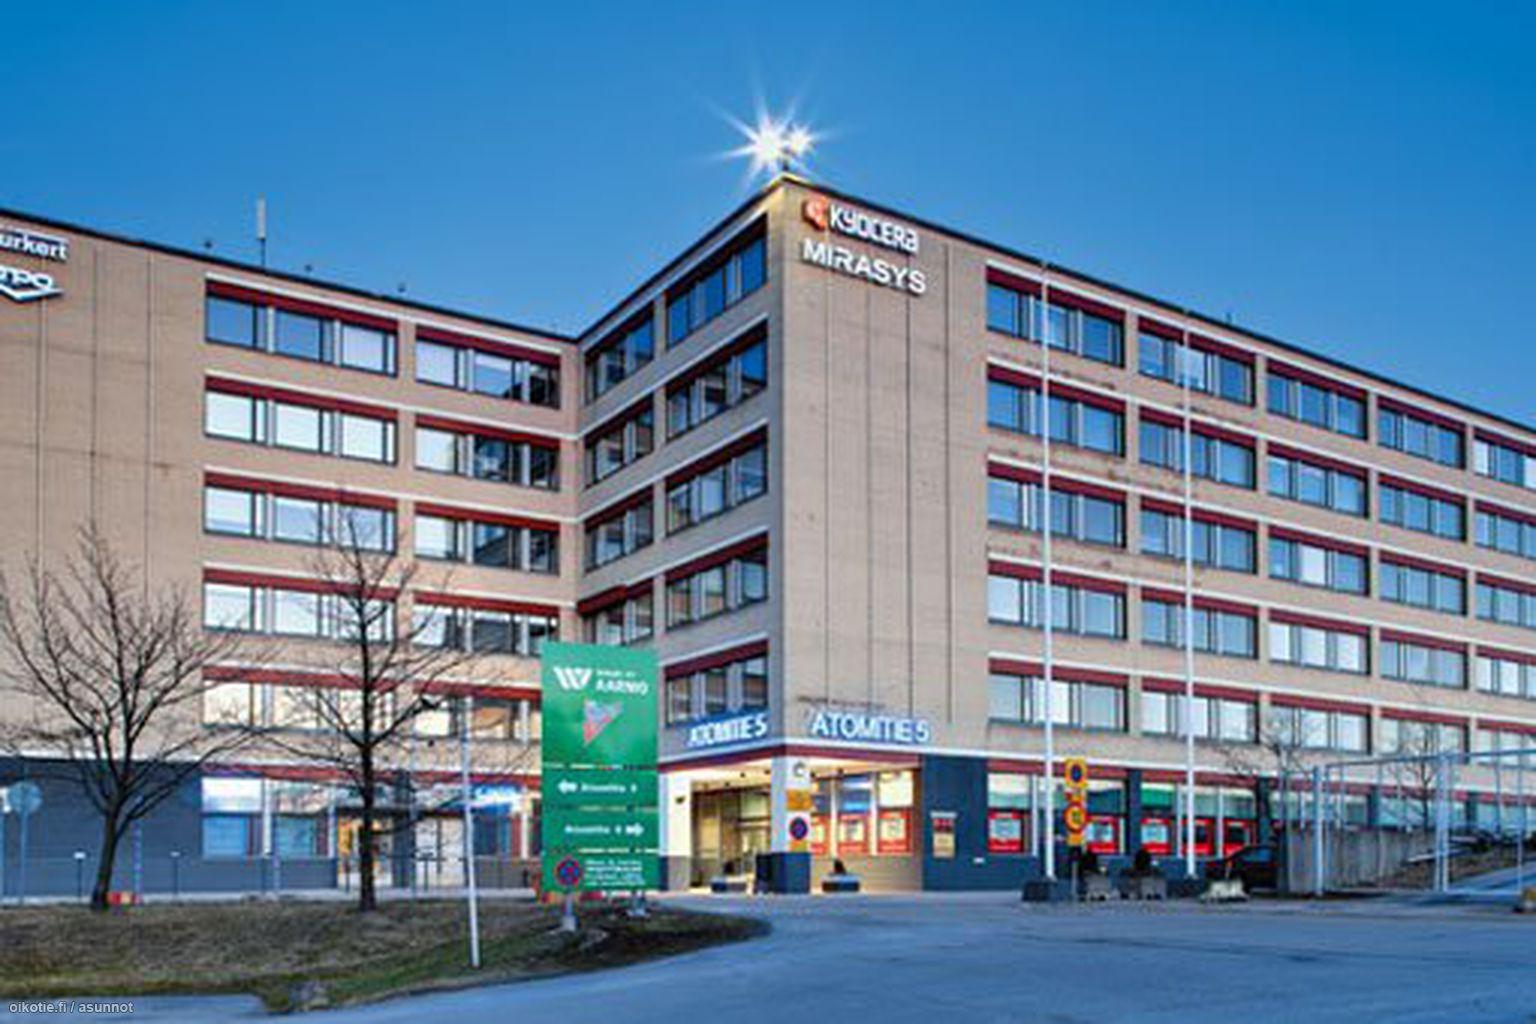 00370 Helsinki